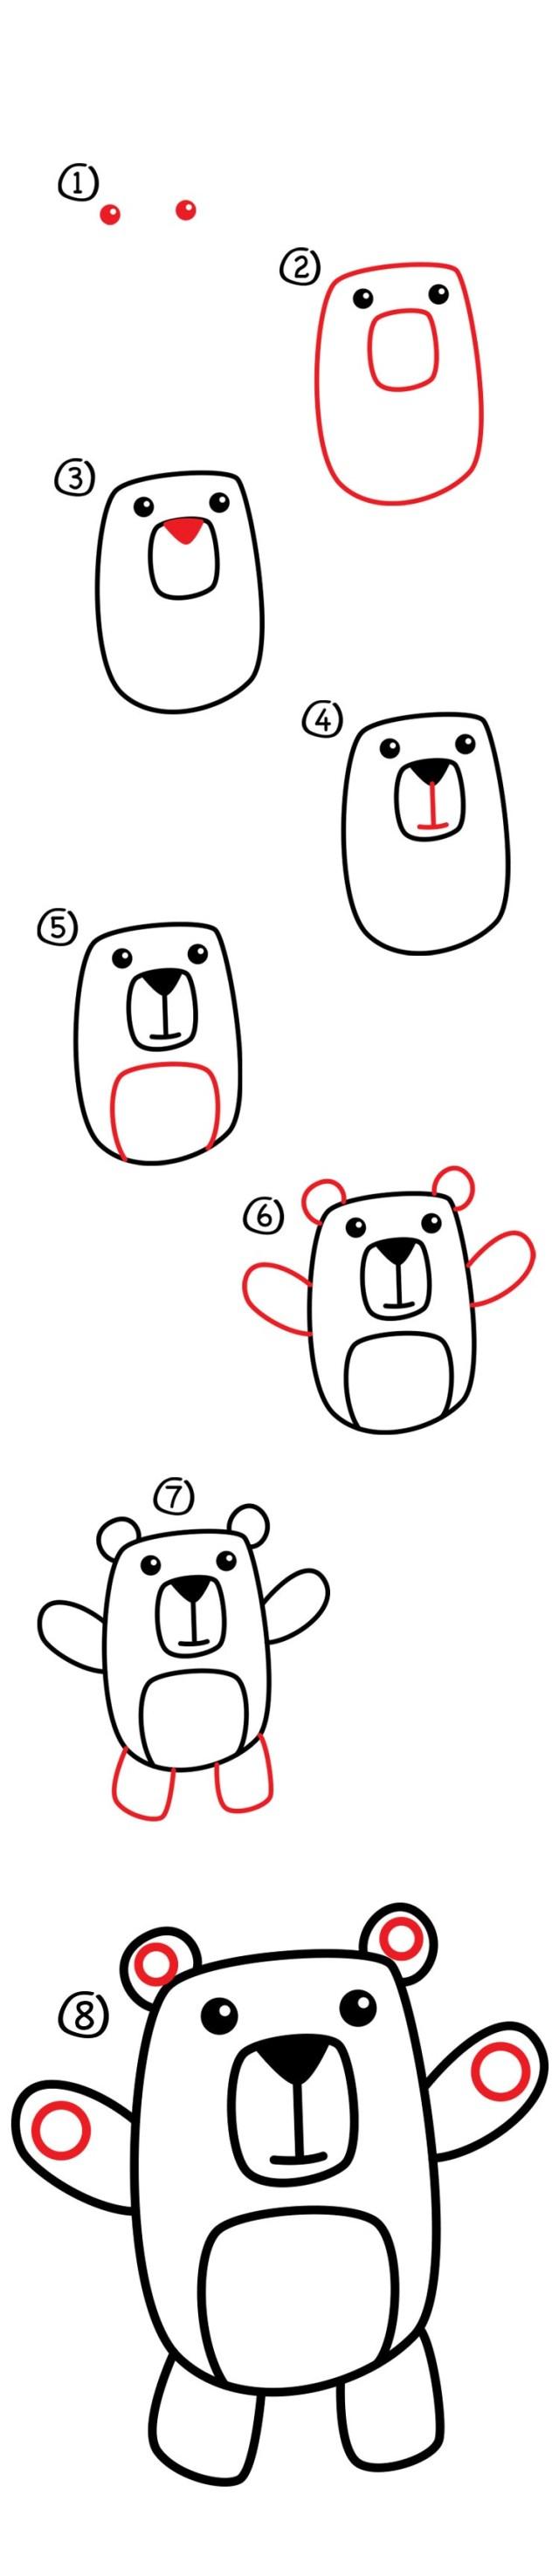 02. Как нарисовать медведя